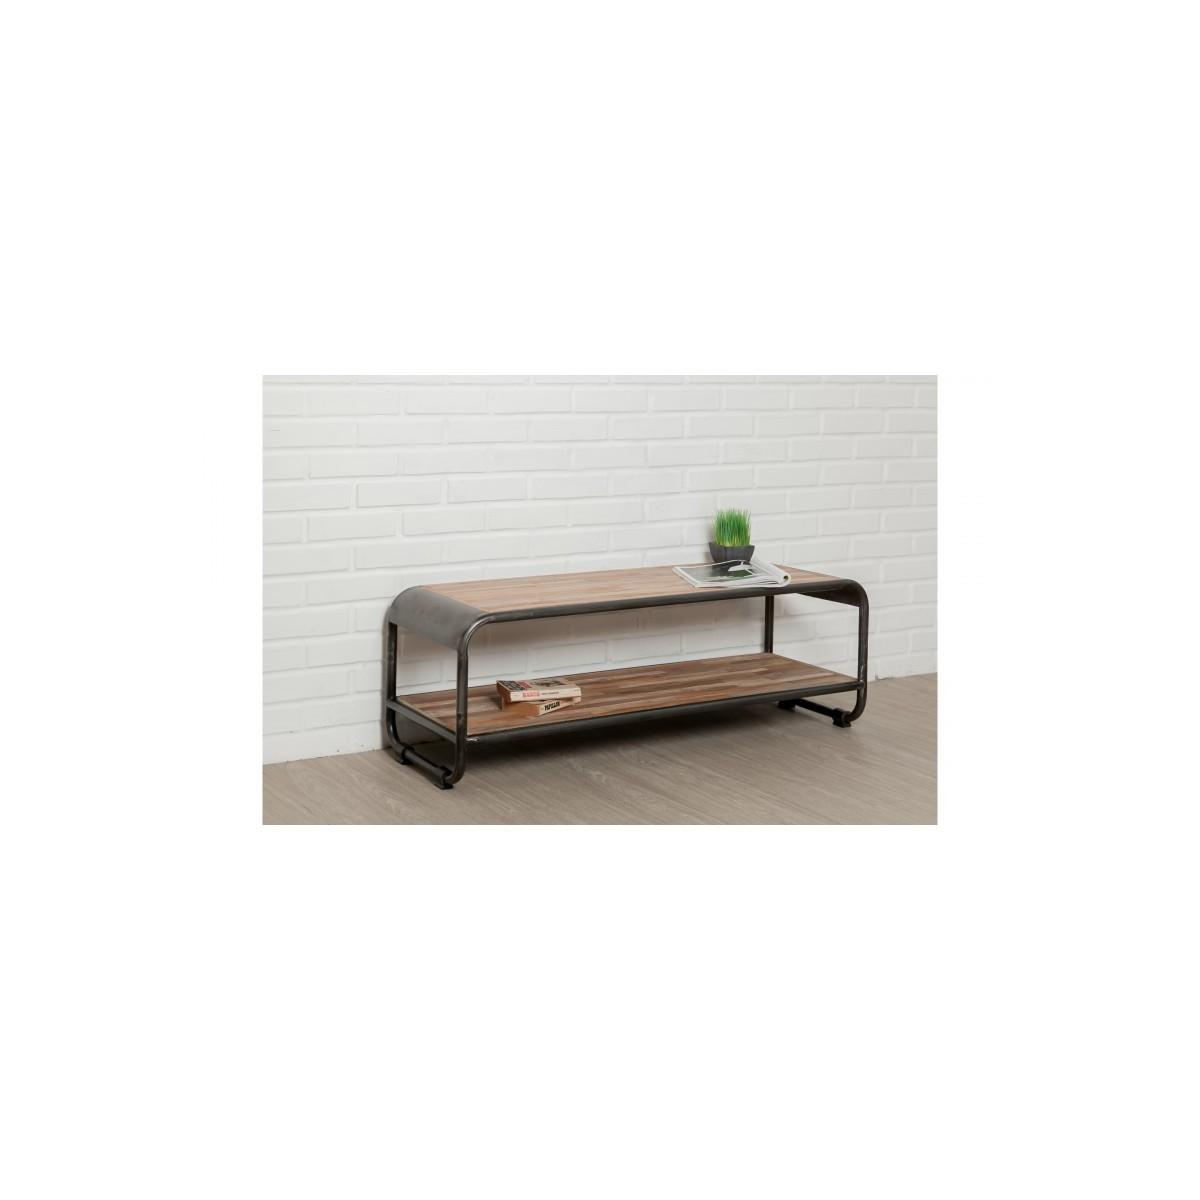 meuble tv bas 2 plateaux industriel 120 cm benoit en teck massif recycle et metal amp story 5407